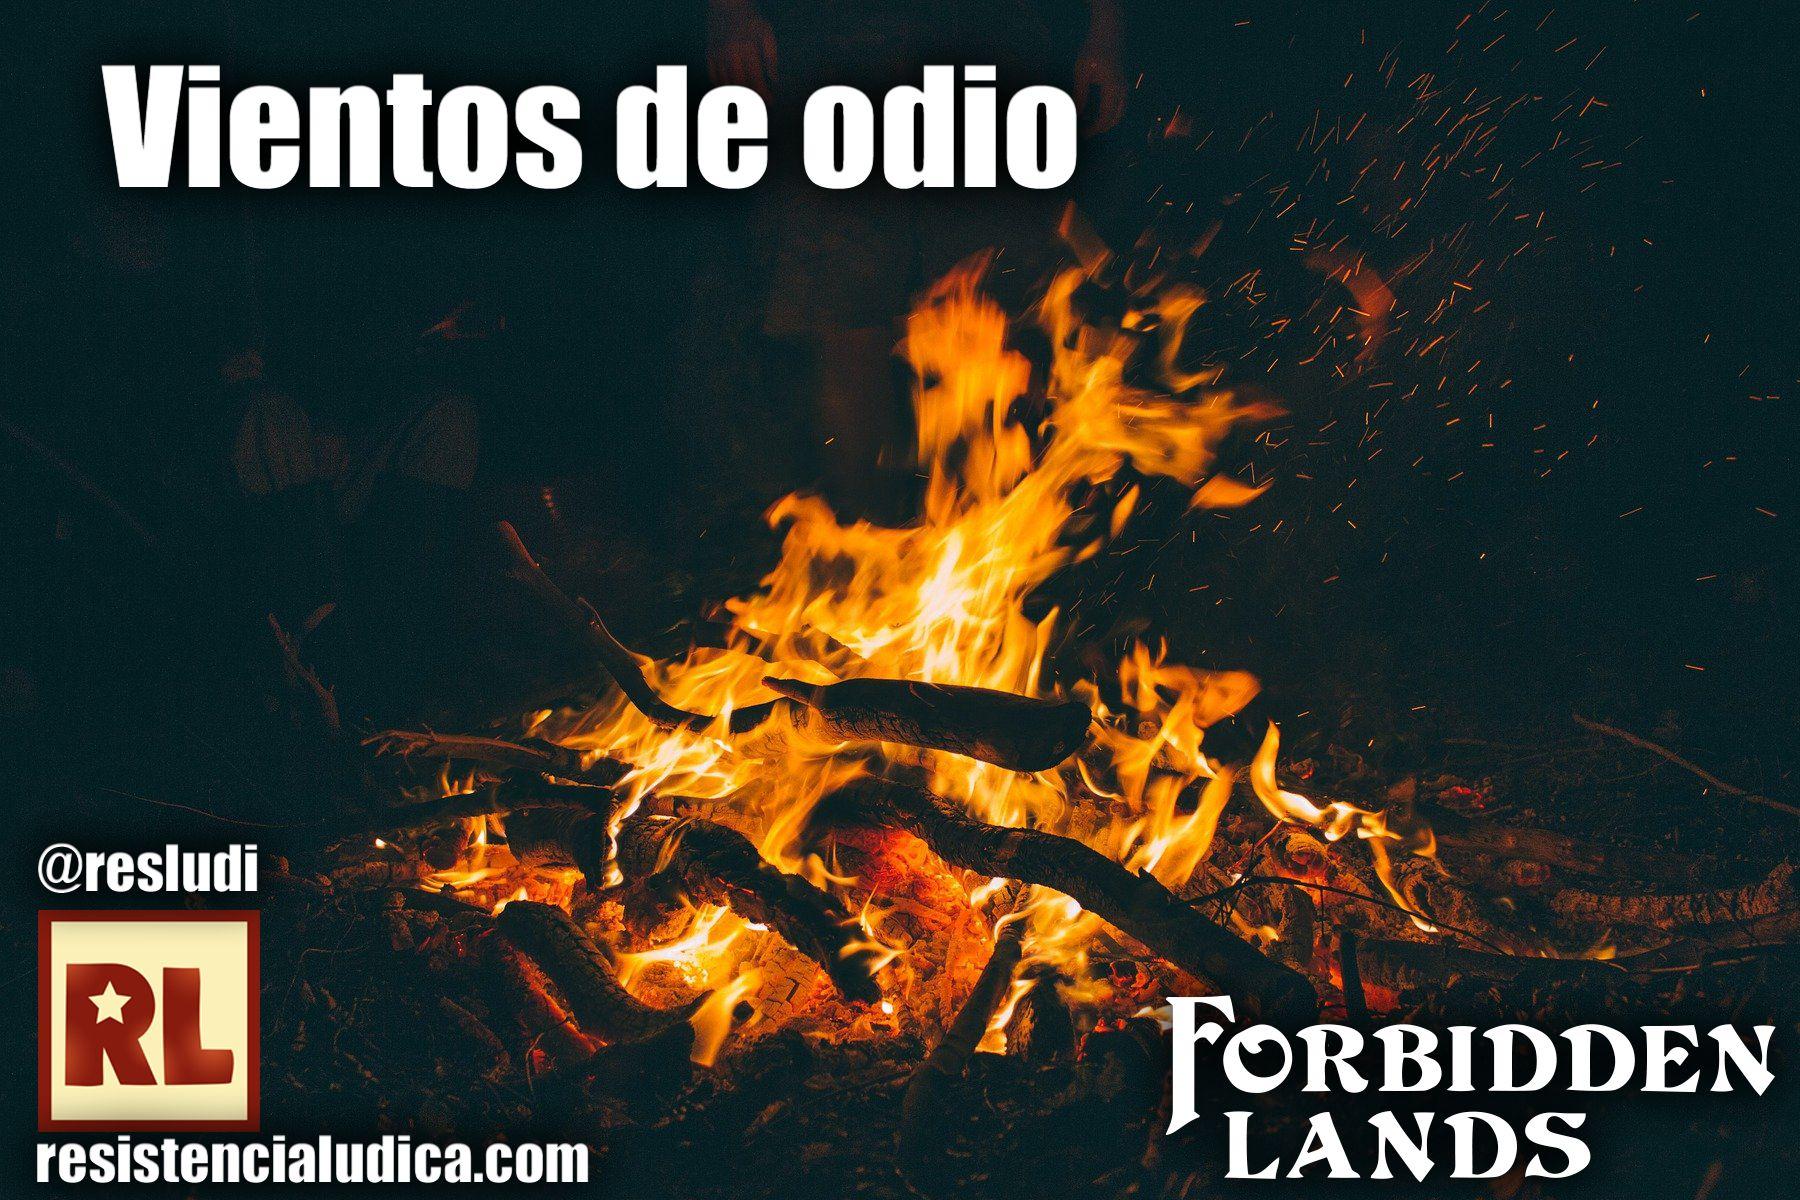 ✣ Vientos de odio (Forbidden Lands)